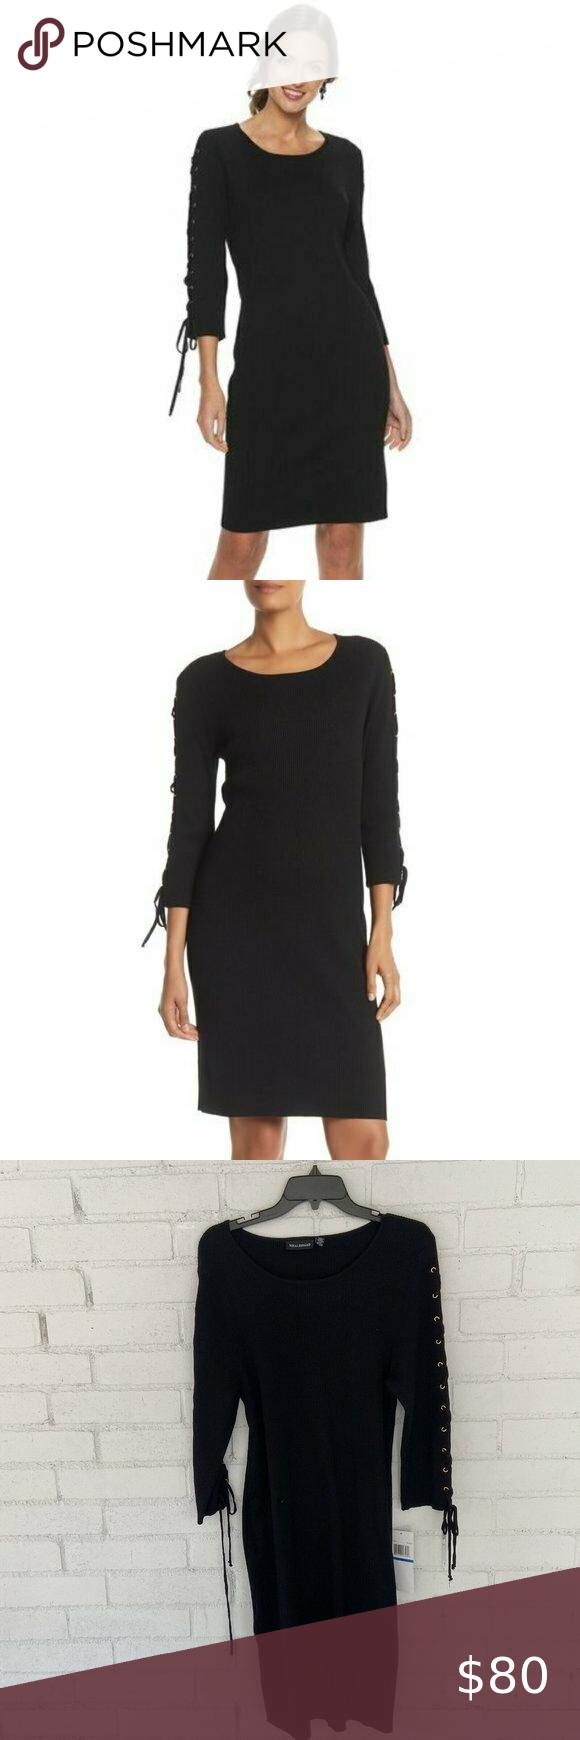 Nina Leonard Lace Up Ribbed Black Dress Xl Pb80 Sweater Dress Women Fit Sweater Dress Ribbed Sweater Dress [ 1740 x 580 Pixel ]